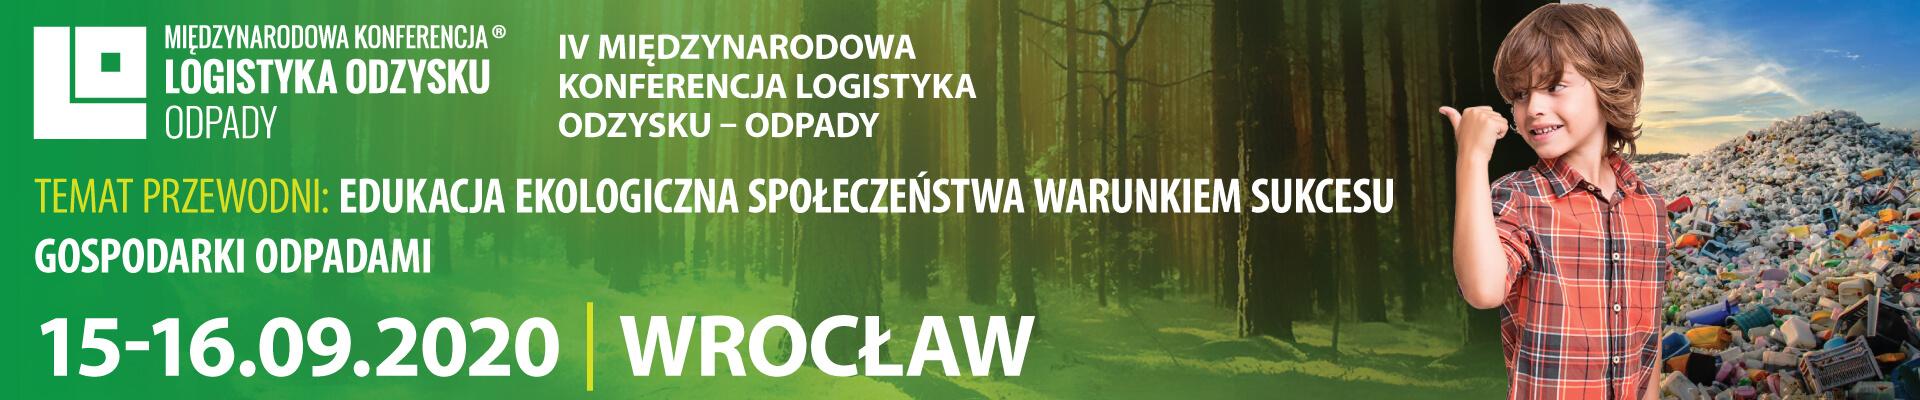 Międzynarodowa Konferencja Logistyka Odzysku - Odpady 2020 - PL